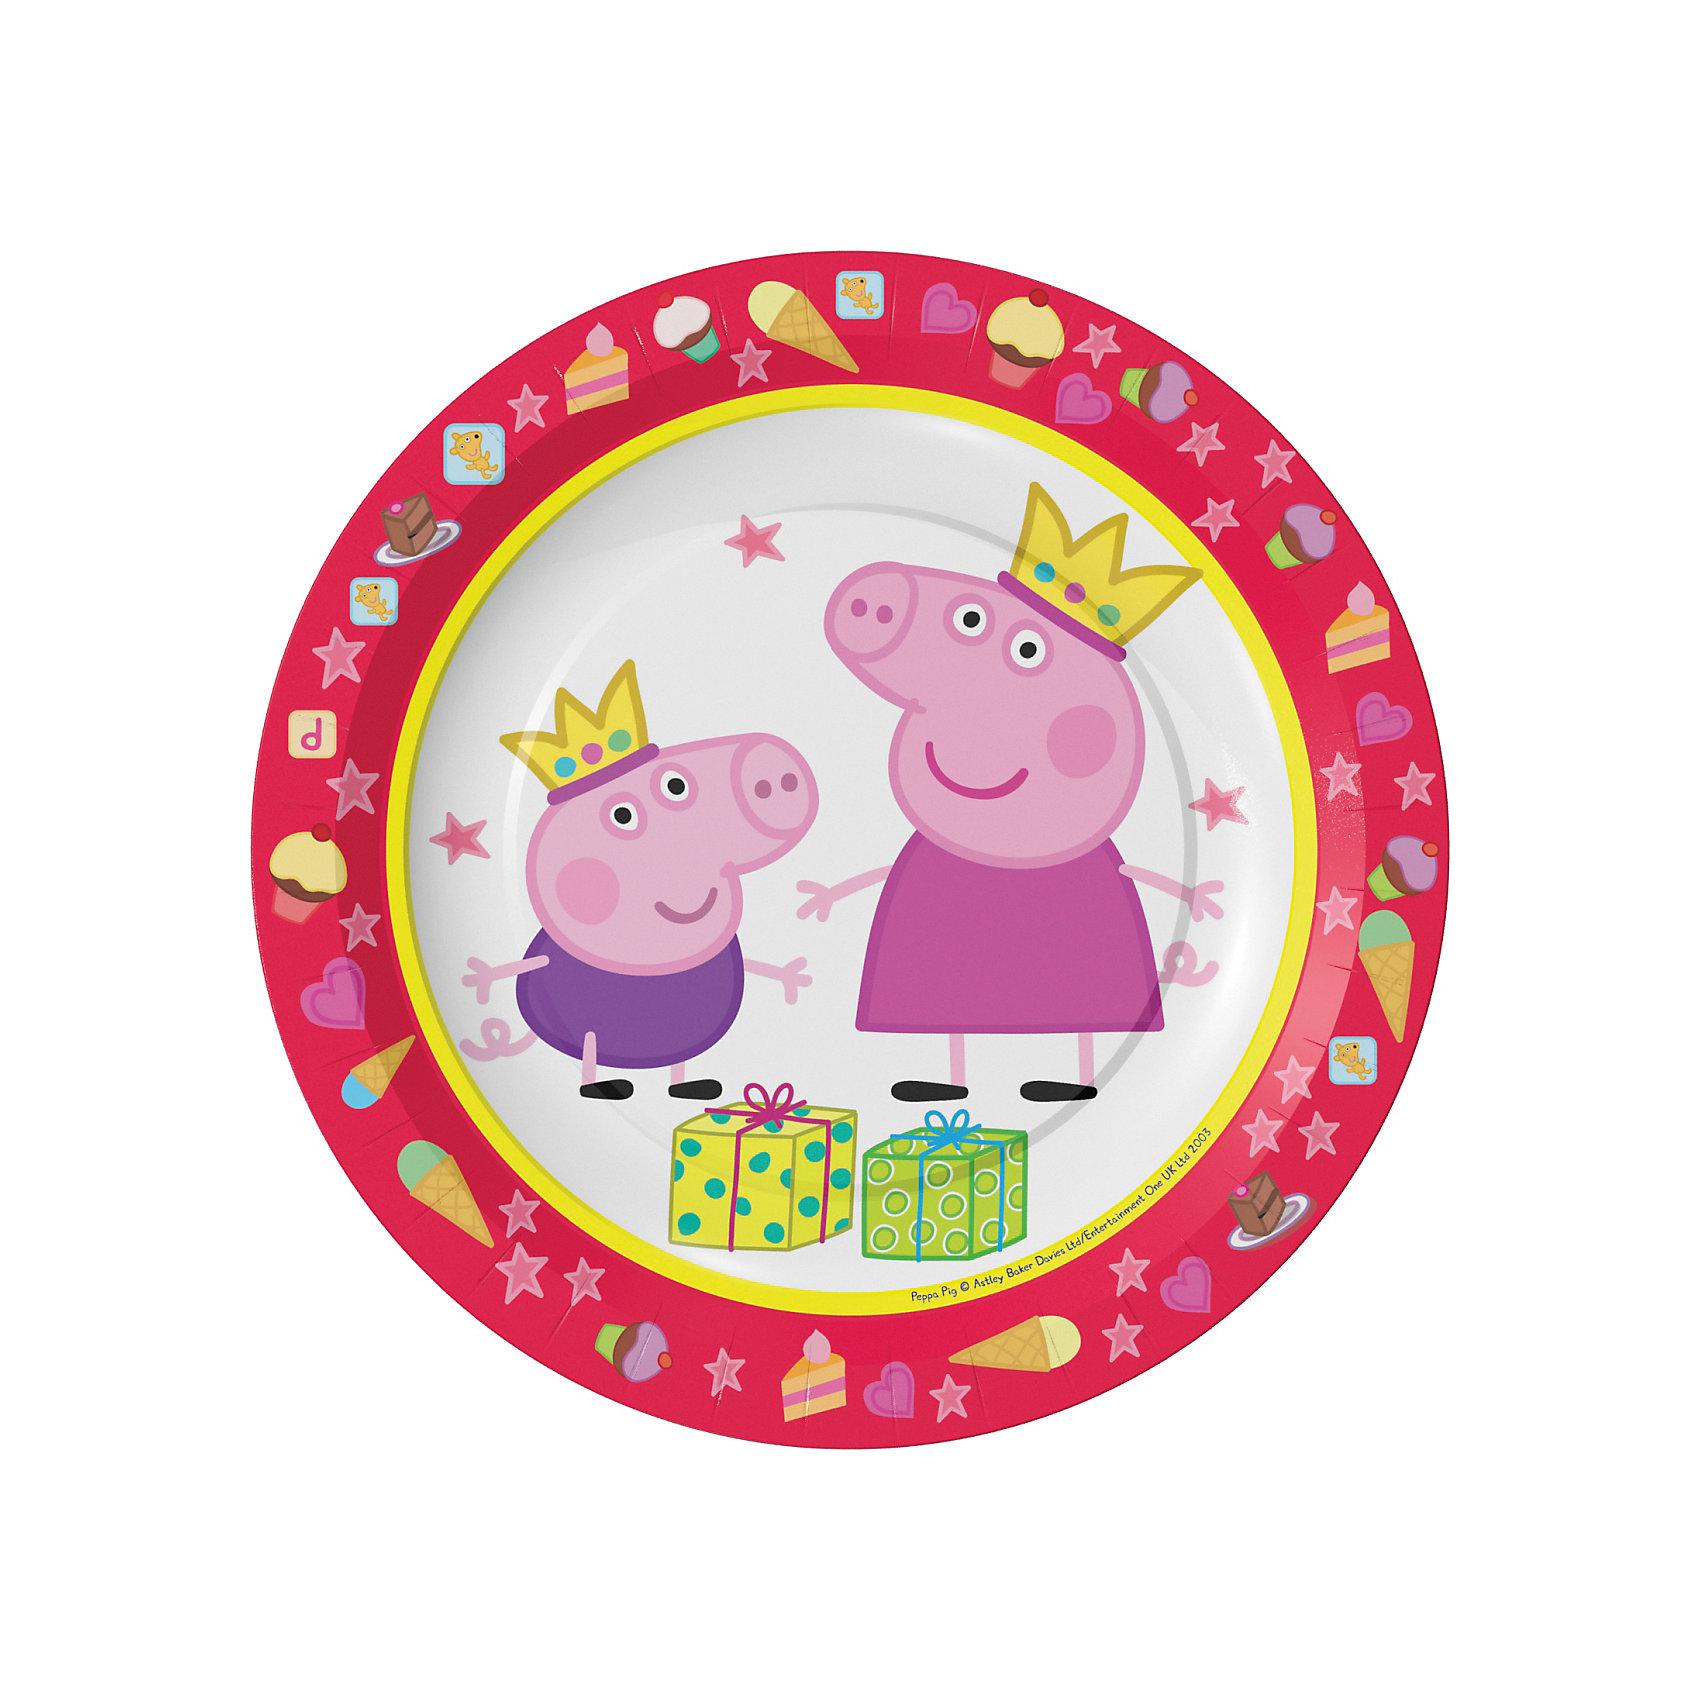 Тарелки Росмэн Свинка Пеппа 6 шт, 18 смТарелки<br>Яркие и практичные тарелки Пеппа-принцесса с очаровательными героями мультфильма Свинка Пеппа эффектно украсят стол и порадуют всех участников торжества. А самое главное, одноразовые бумажные тарелки прекрасно удерживают еду, благодаря глянцевому ламинированию; они почти невесомы, не могут разбиться и поранить детей, их не надо мыть.&#13;<br>В наборе 6 бумажных тарелок диаметром 18 см, декорированных привлекательным принтом. Вы также можете выбрать другие товары из данной серии: стаканы, салфетки, язычки, колпаки, подарочный набор посуды, свечи, приглашение в конверте, скатерть, маски, подарочные пакеты и др.<br><br>Ширина мм: 390<br>Глубина мм: 192<br>Высота мм: 195<br>Вес г: 9<br>Возраст от месяцев: 36<br>Возраст до месяцев: 2147483647<br>Пол: Женский<br>Возраст: Детский<br>SKU: 7127423